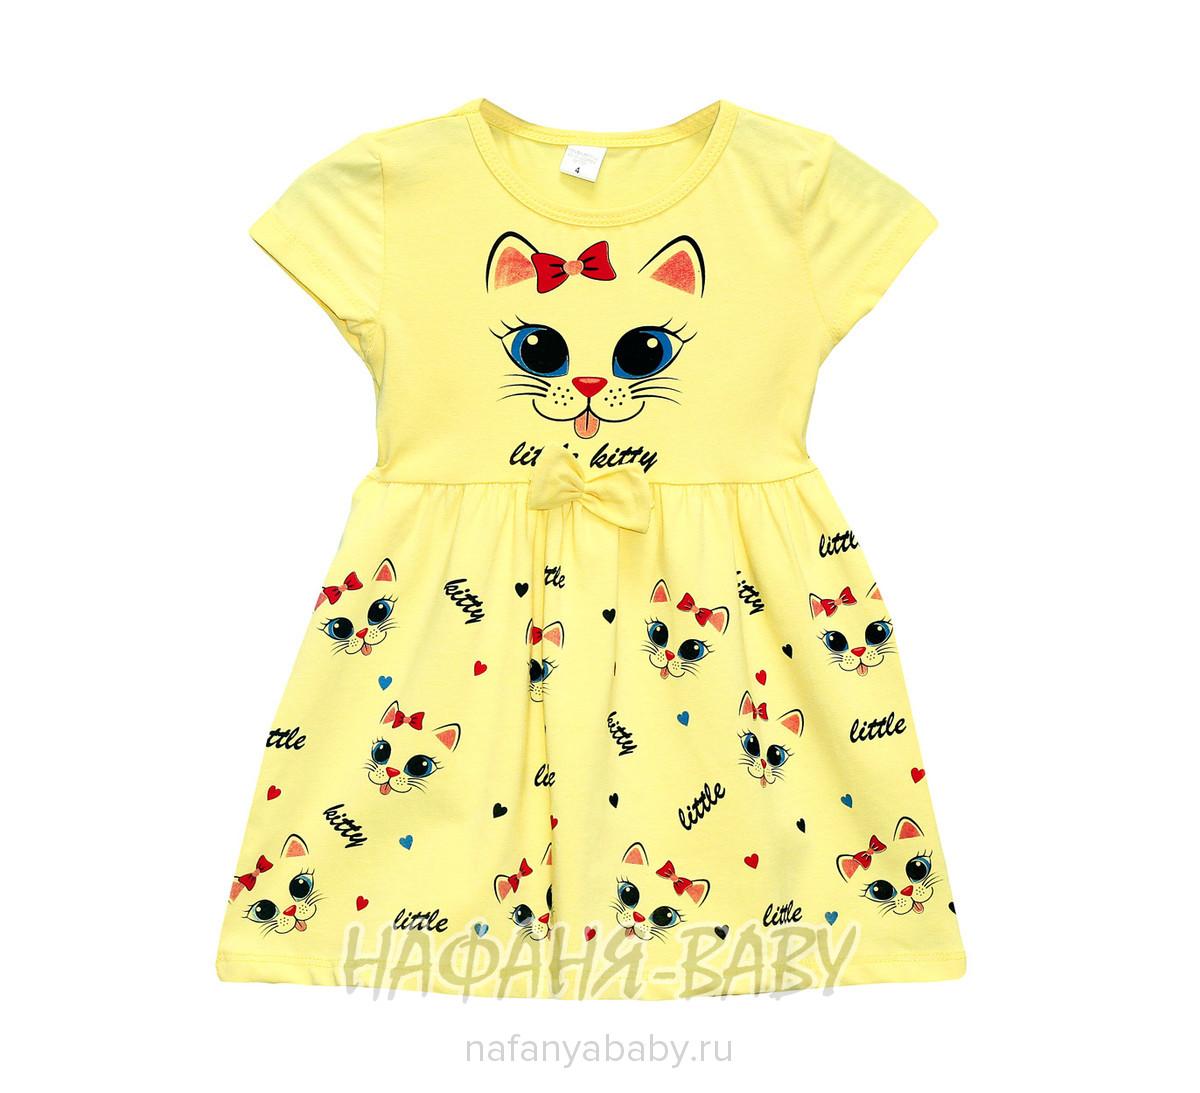 Детское платье CHILDS SMILE арт: 4396, 1-4 года, 5-9 лет, цвет кремовый, оптом Турция